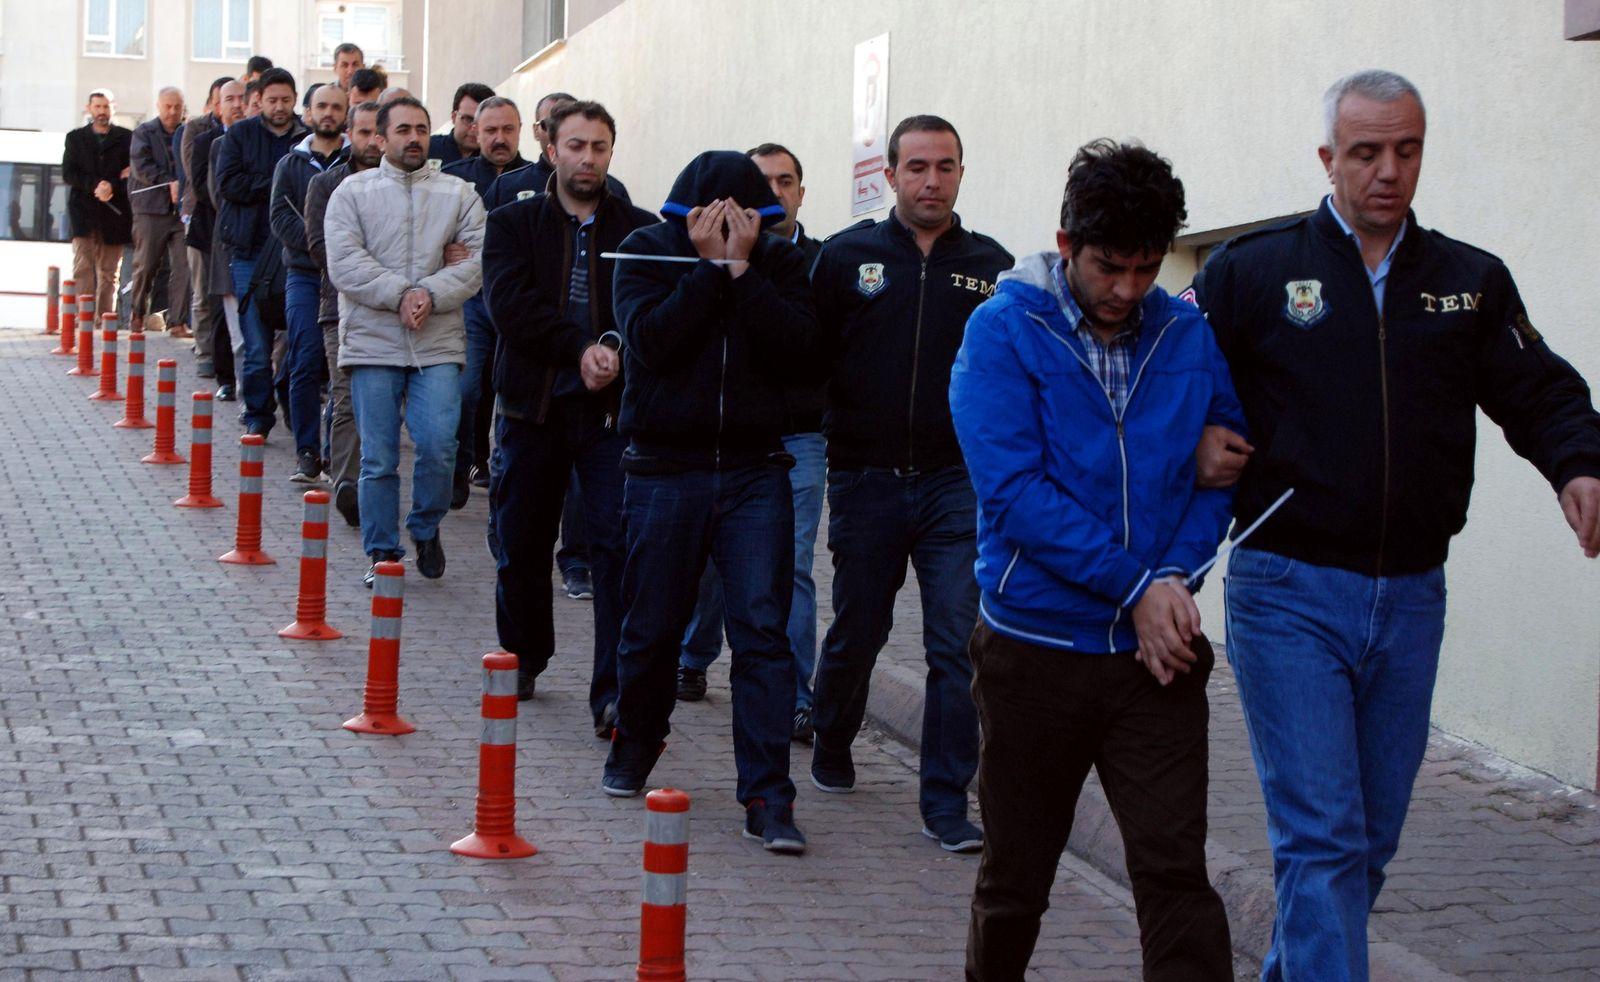 TOPSHOT-TURKEY-POLITICS-ARREST-GULEN